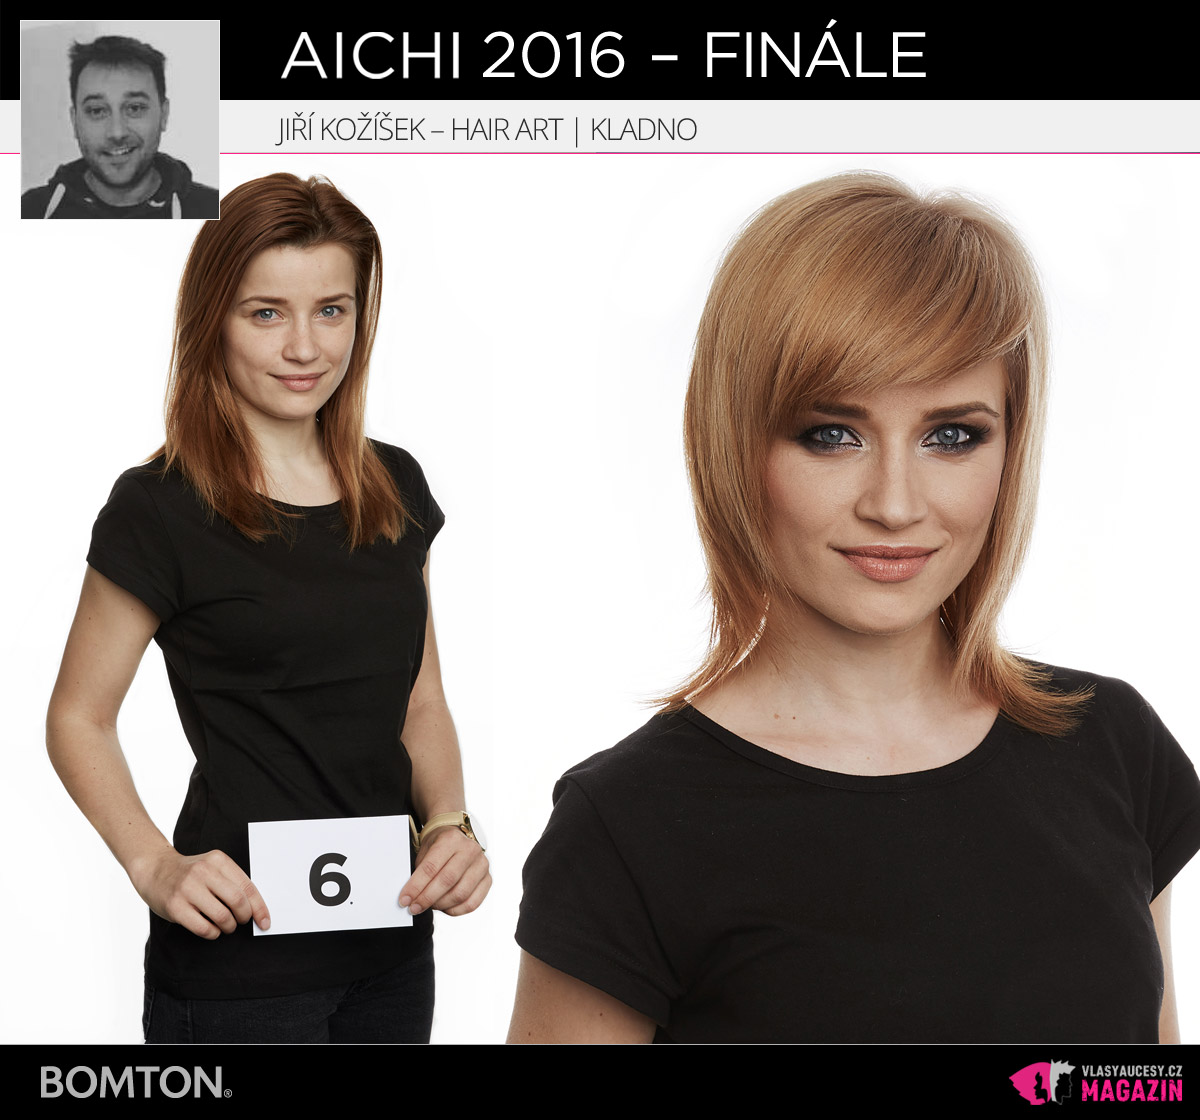 Semifinálová proměna AICHI 2016: Jiří Kožíšek, Hair Art Jiří Kožíšek, Kladno